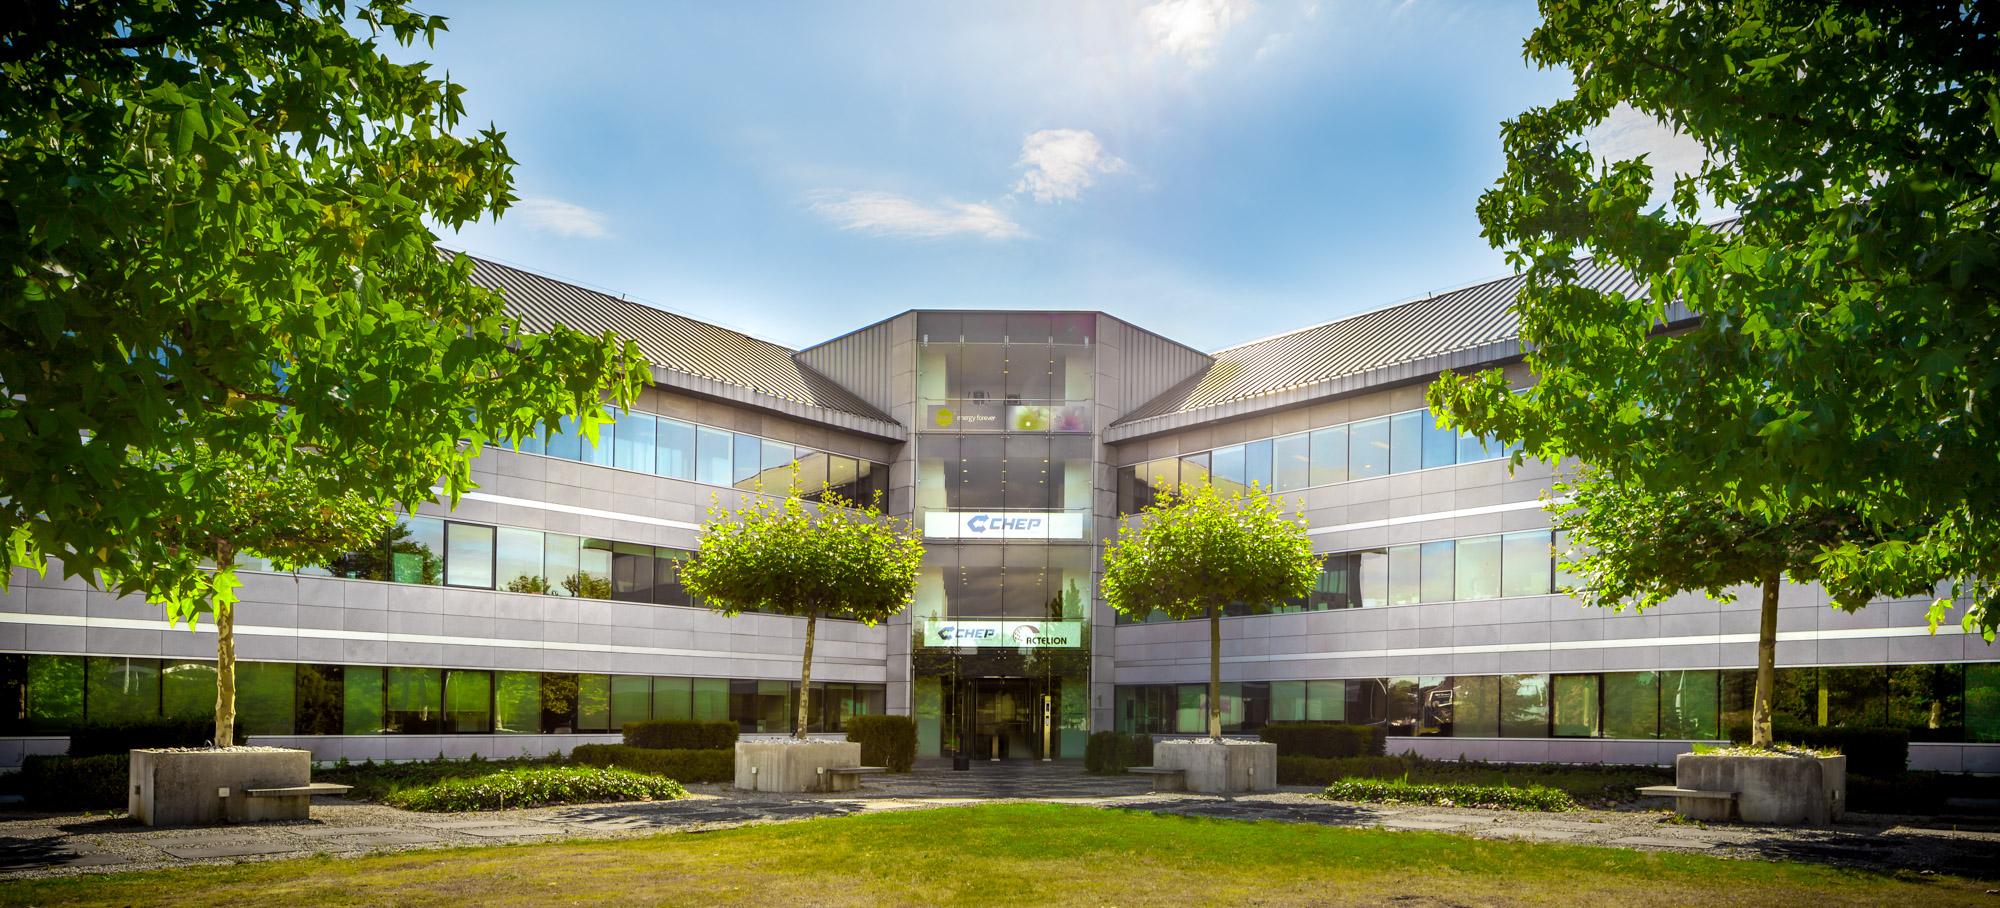 Office Park Mechelen-36-HDR-Pano.jpg